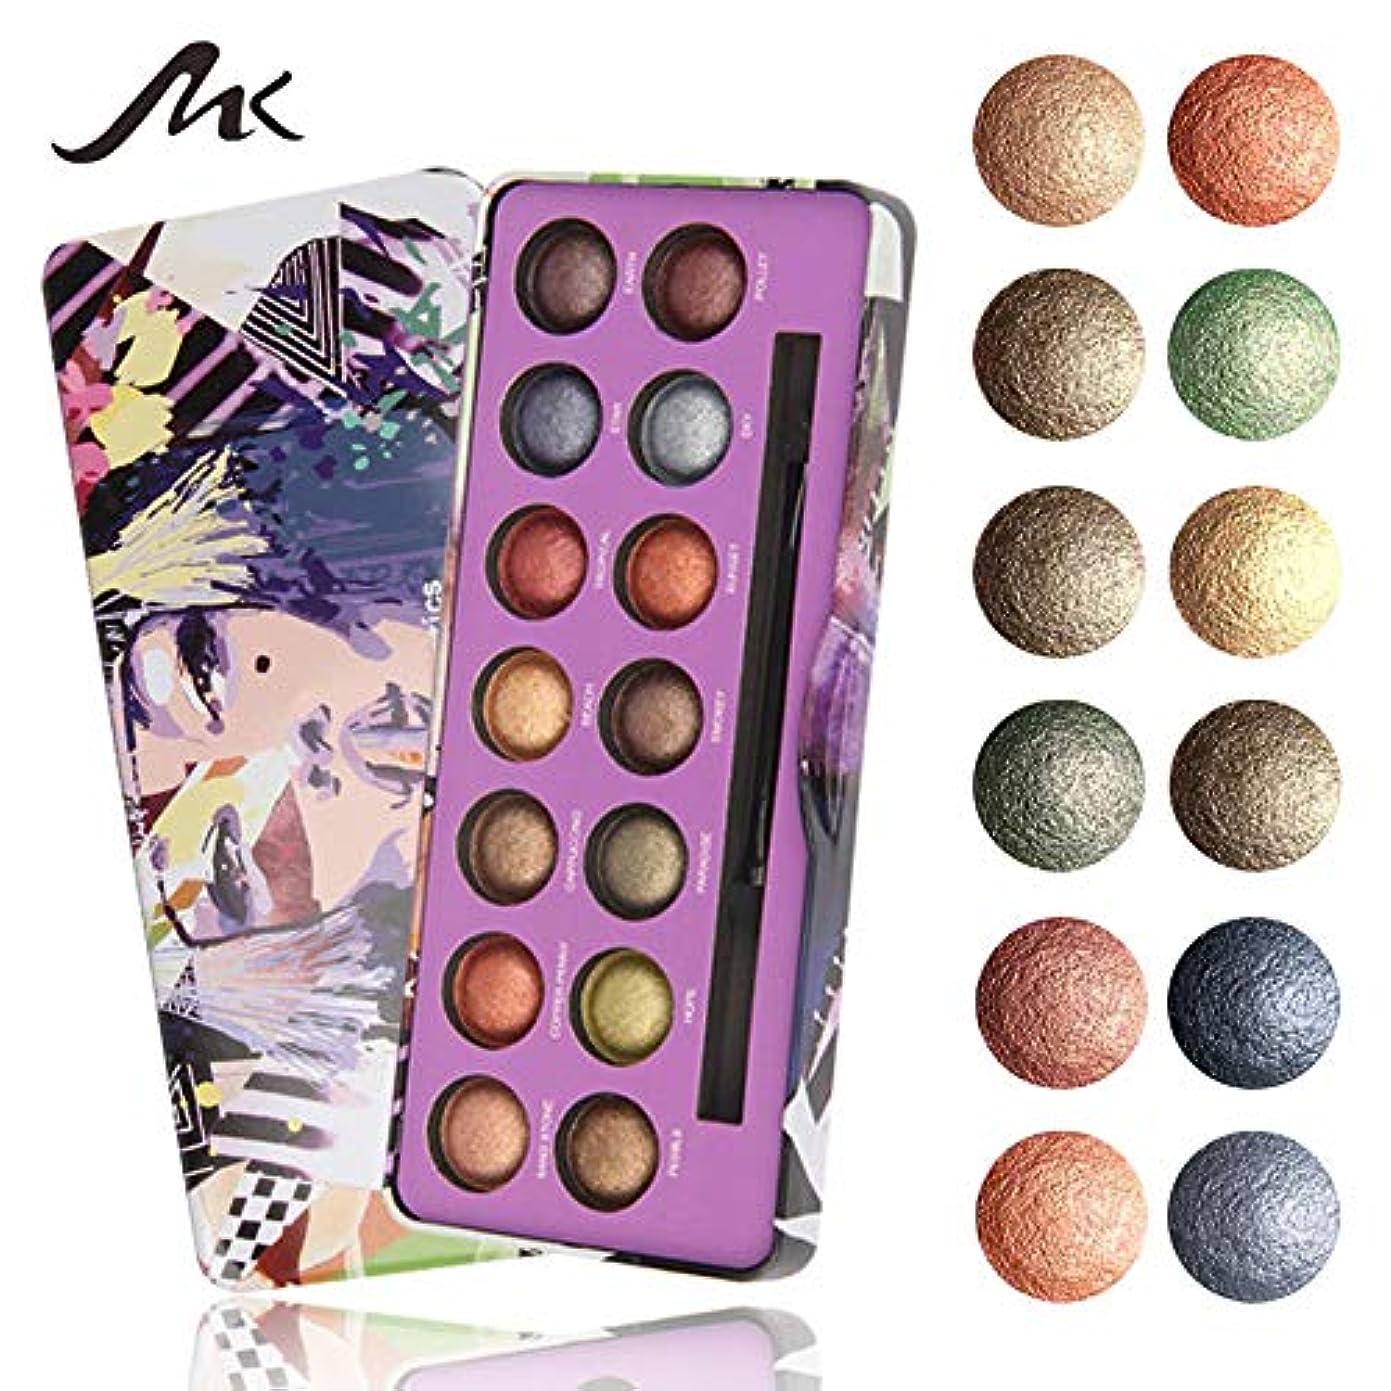 医薬アレイ財布Akane アイシャドウパレット MK 綺麗 人気 気質的 真珠光沢 チャーム 魅力的 マット つや消し 長持ち ファッション 防水 おしゃれ 持ち便利 Eye Shadow (14色) 8293